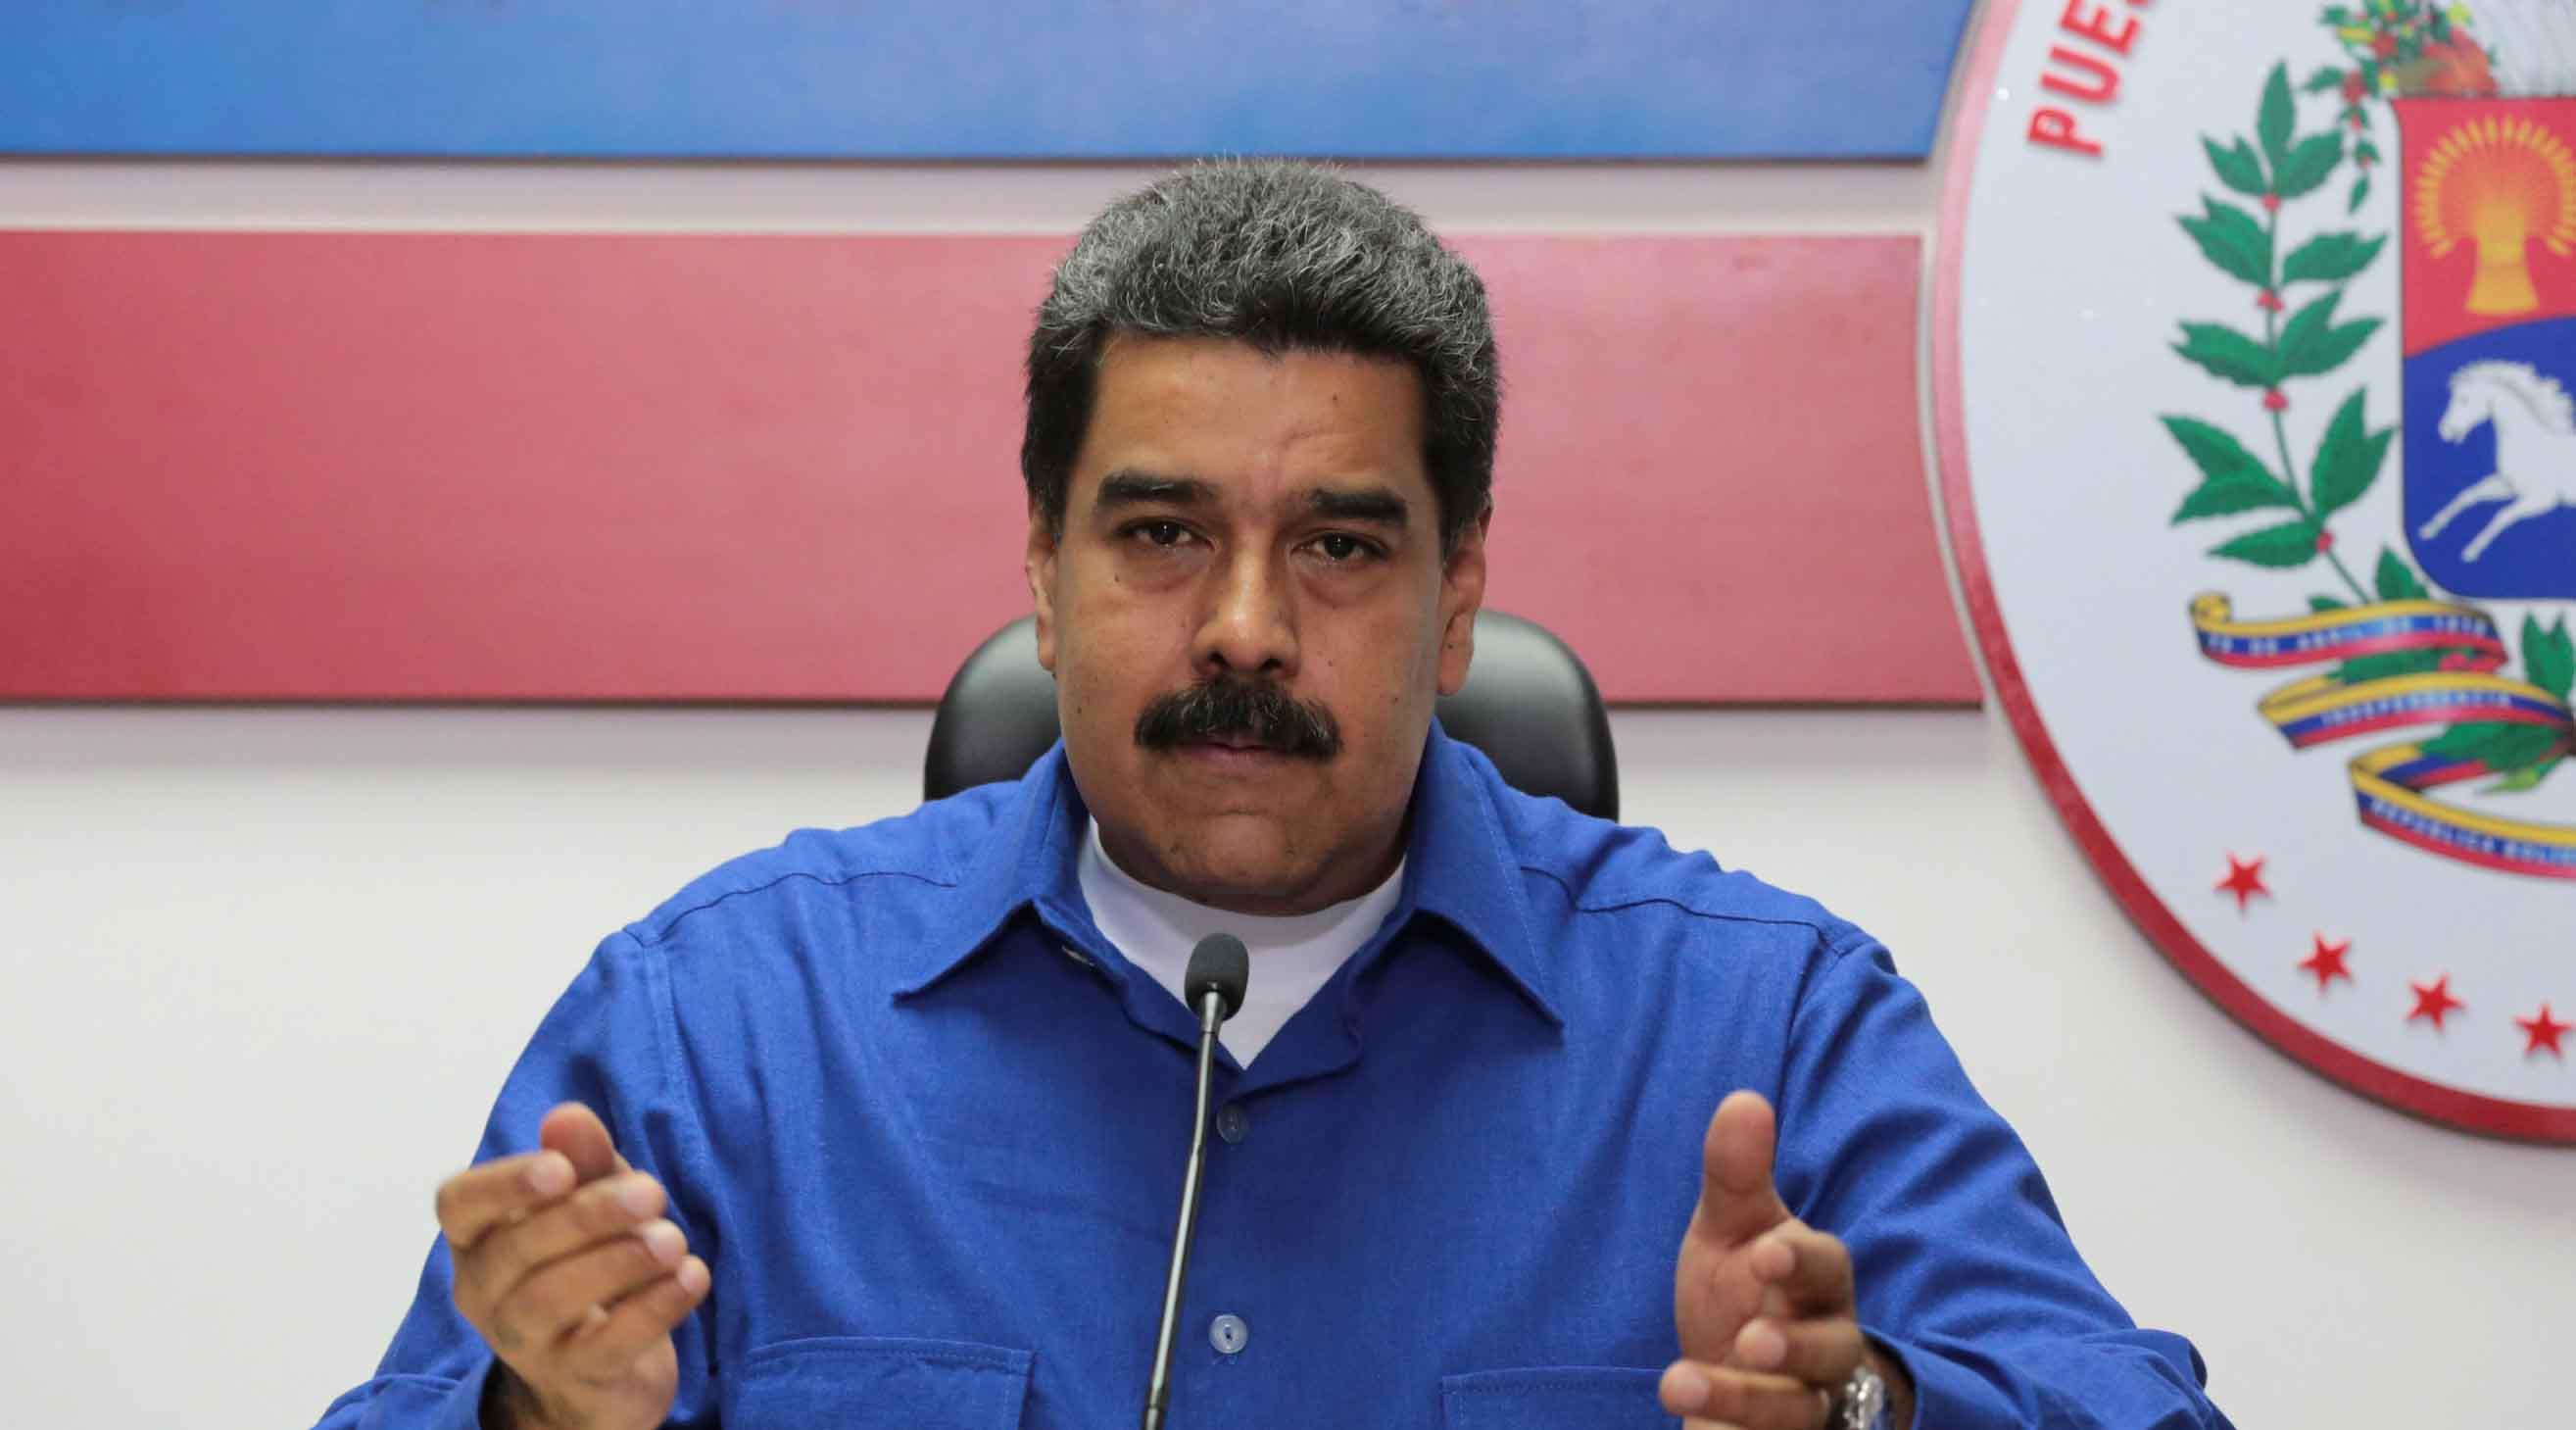 El presidente venezolano se reunirá con los países miembros del ALBA-TPC para reforzar lazos de cooperación